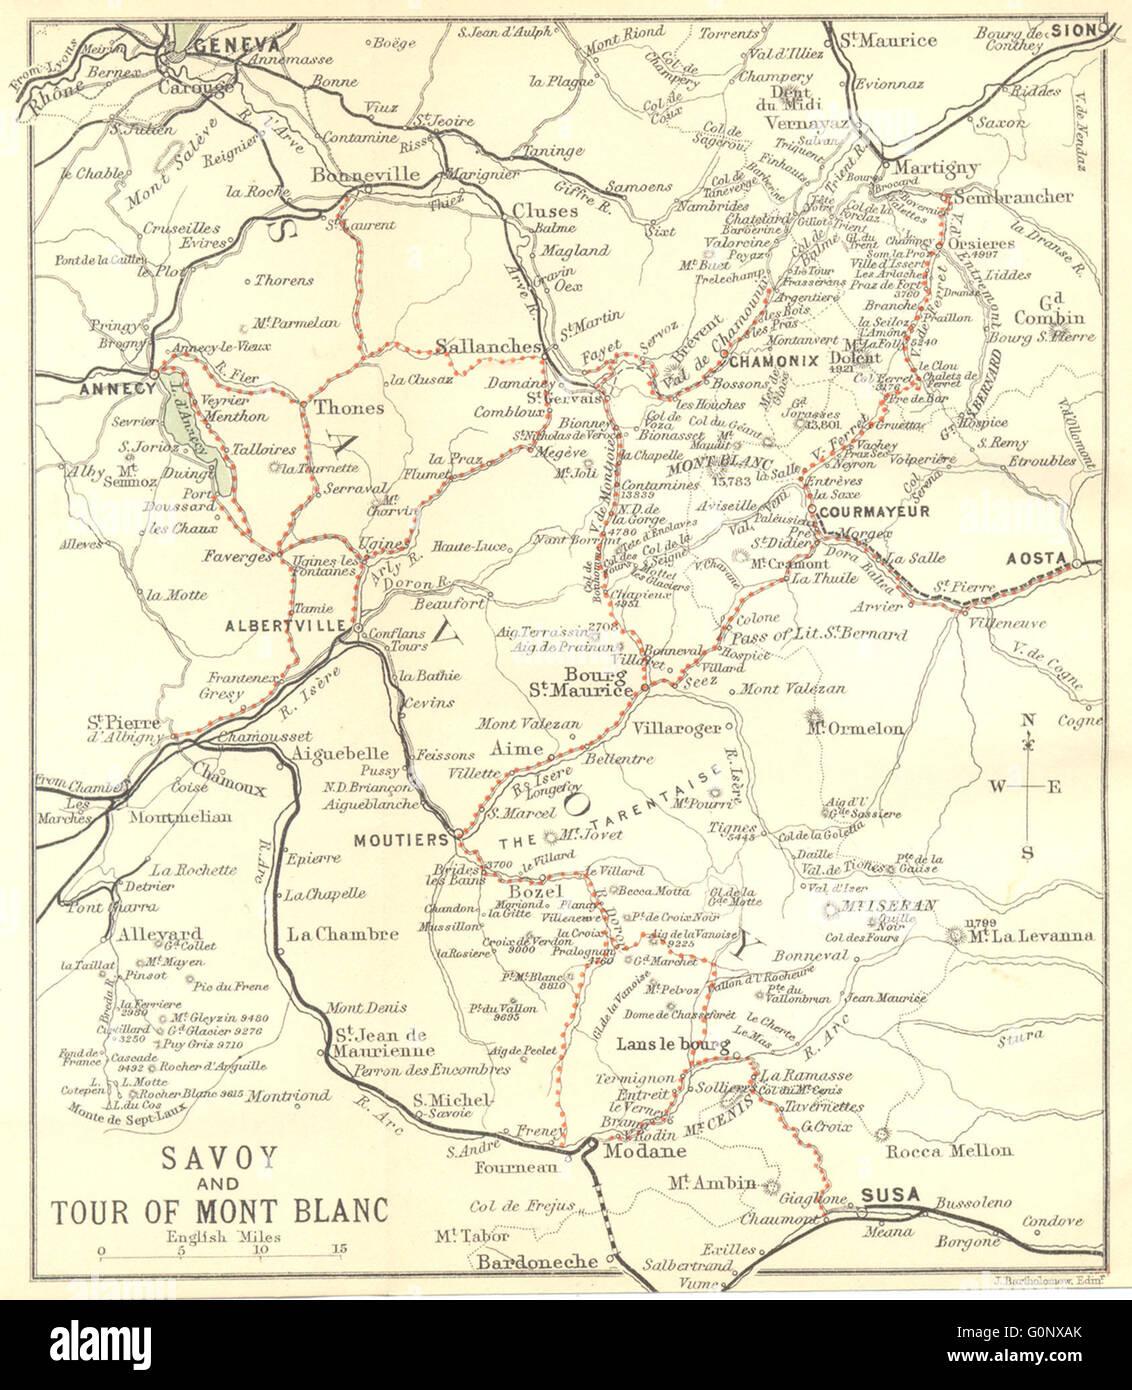 Mont Blanc France Map.France Savoie Tour Of Mont Blanc 1899 Antique Map Stock Photo